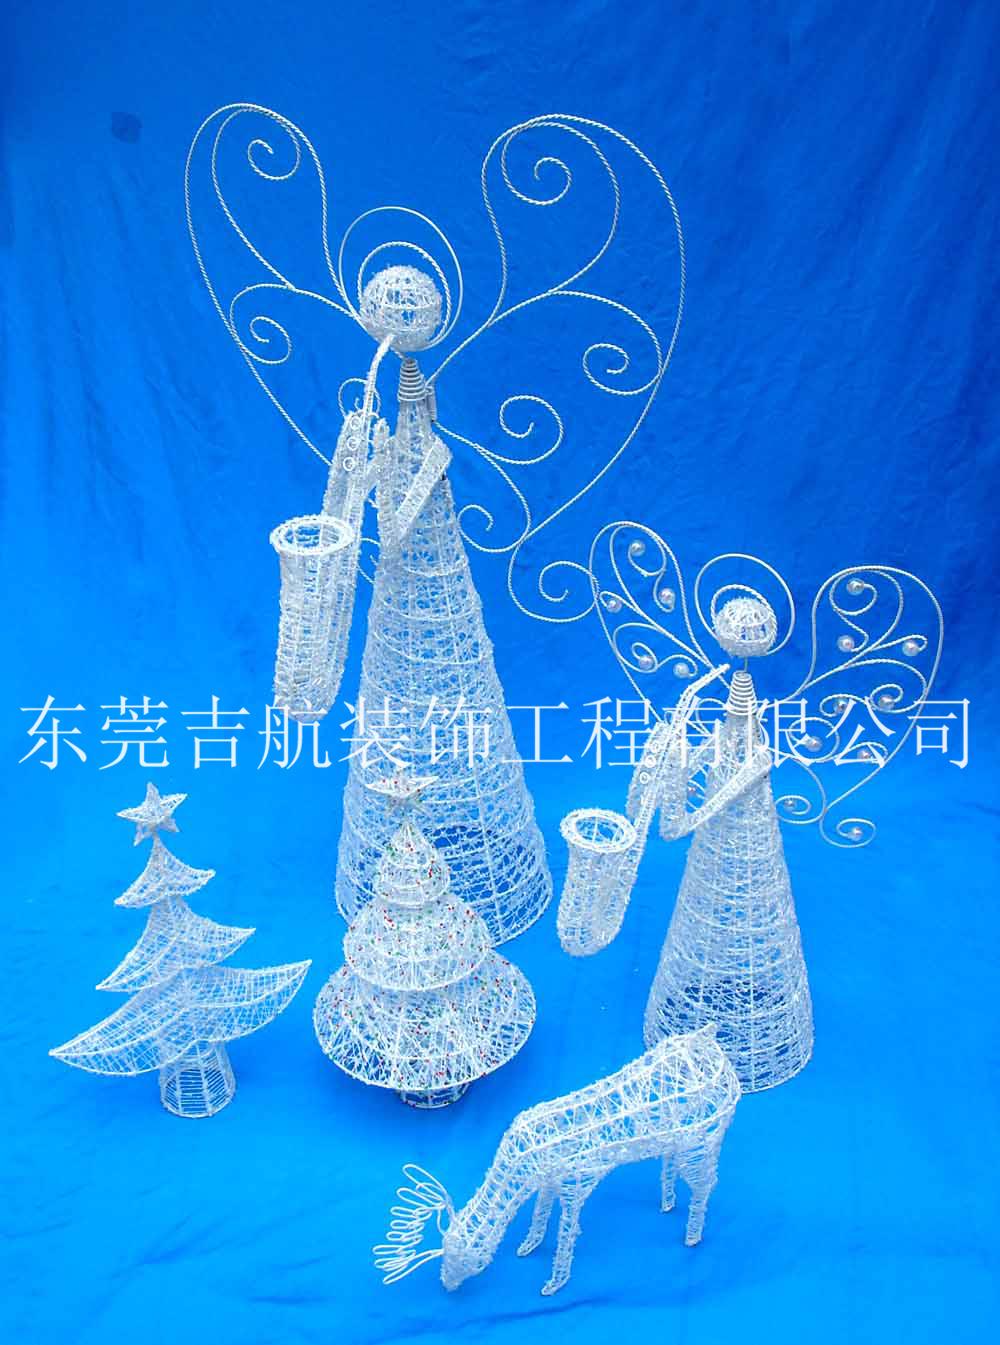 圣诞天使、LED天使大型花灯制作节庆花灯